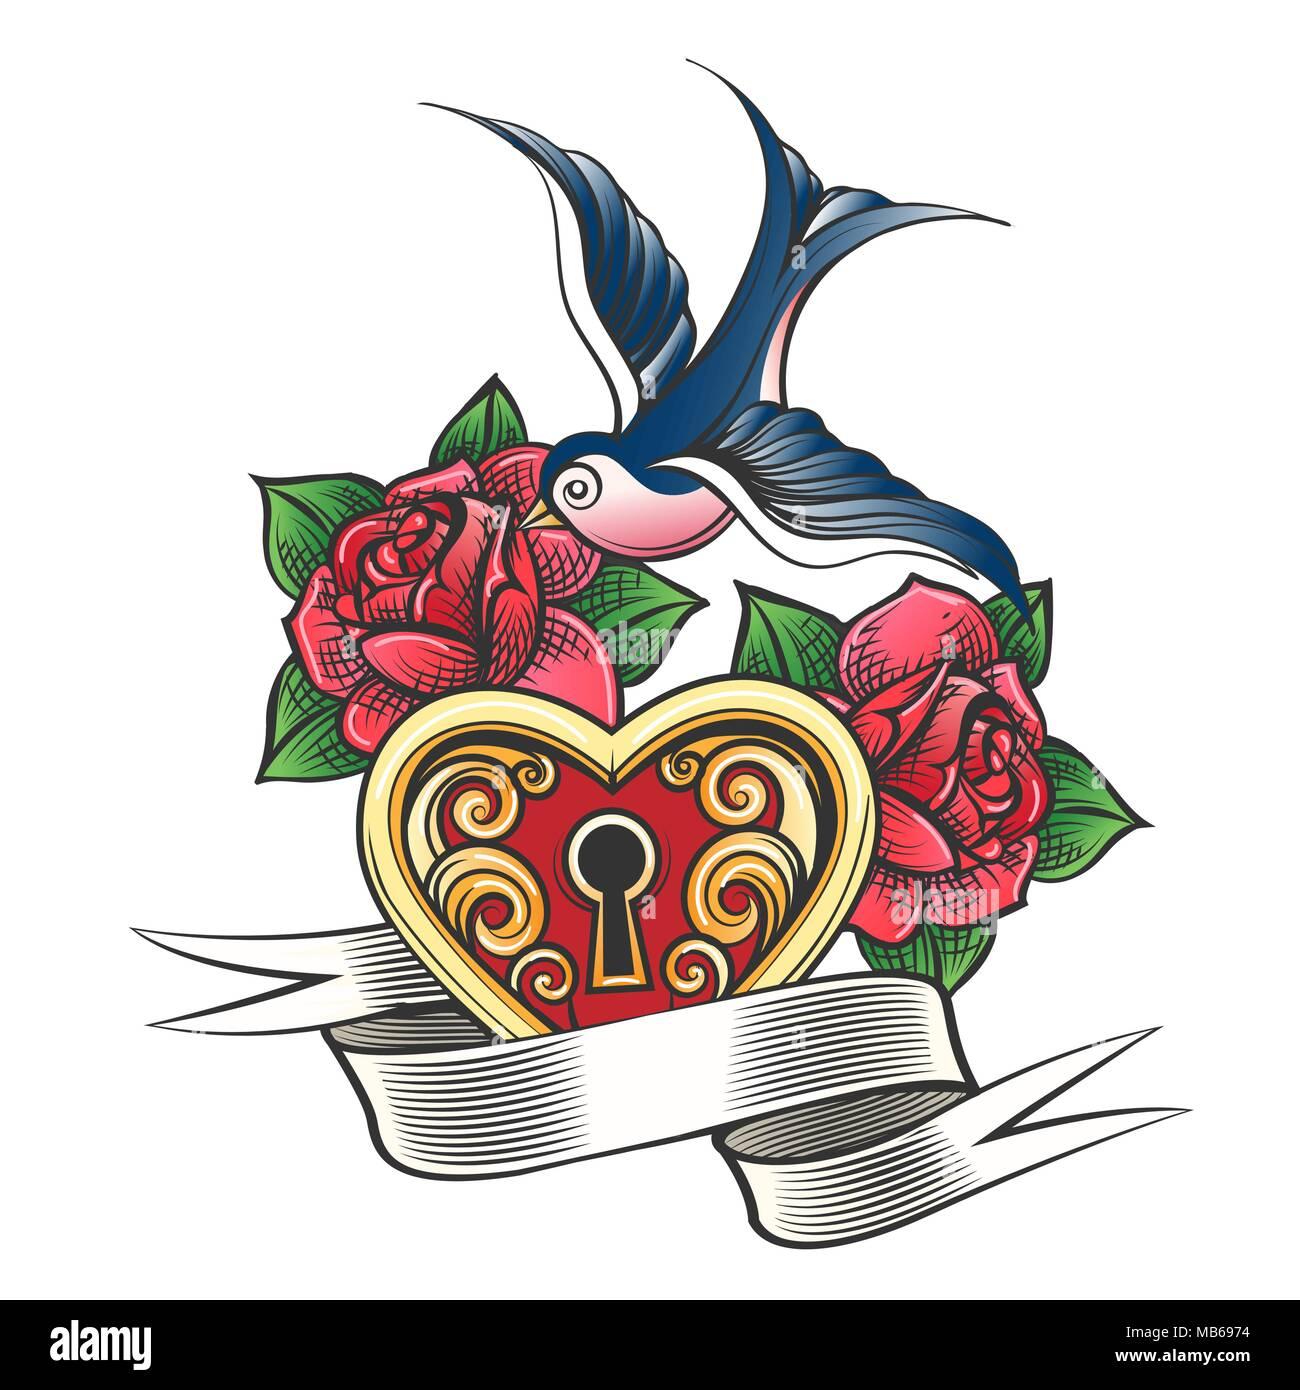 Bloqueo En La Forma De Un Corazón Con Tragar Rosas Flores Y Una